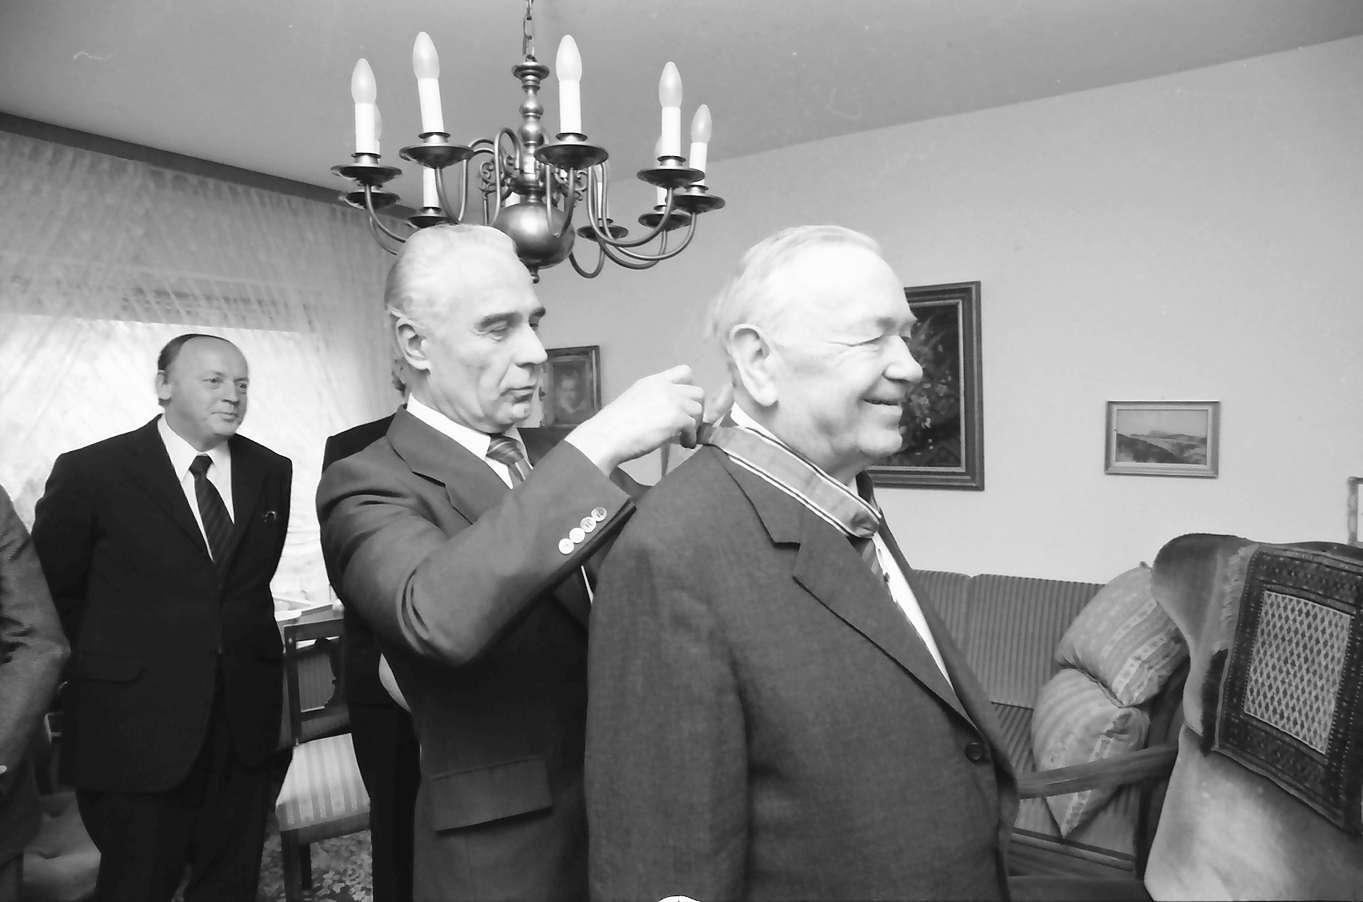 Freiburg: Wohnung Littenweiler; Regierungspräsident Person überreicht Bundesverdienstkreuz für Prof. Dr. Friedrich Walter Meyer, Freiburg, Bild 1